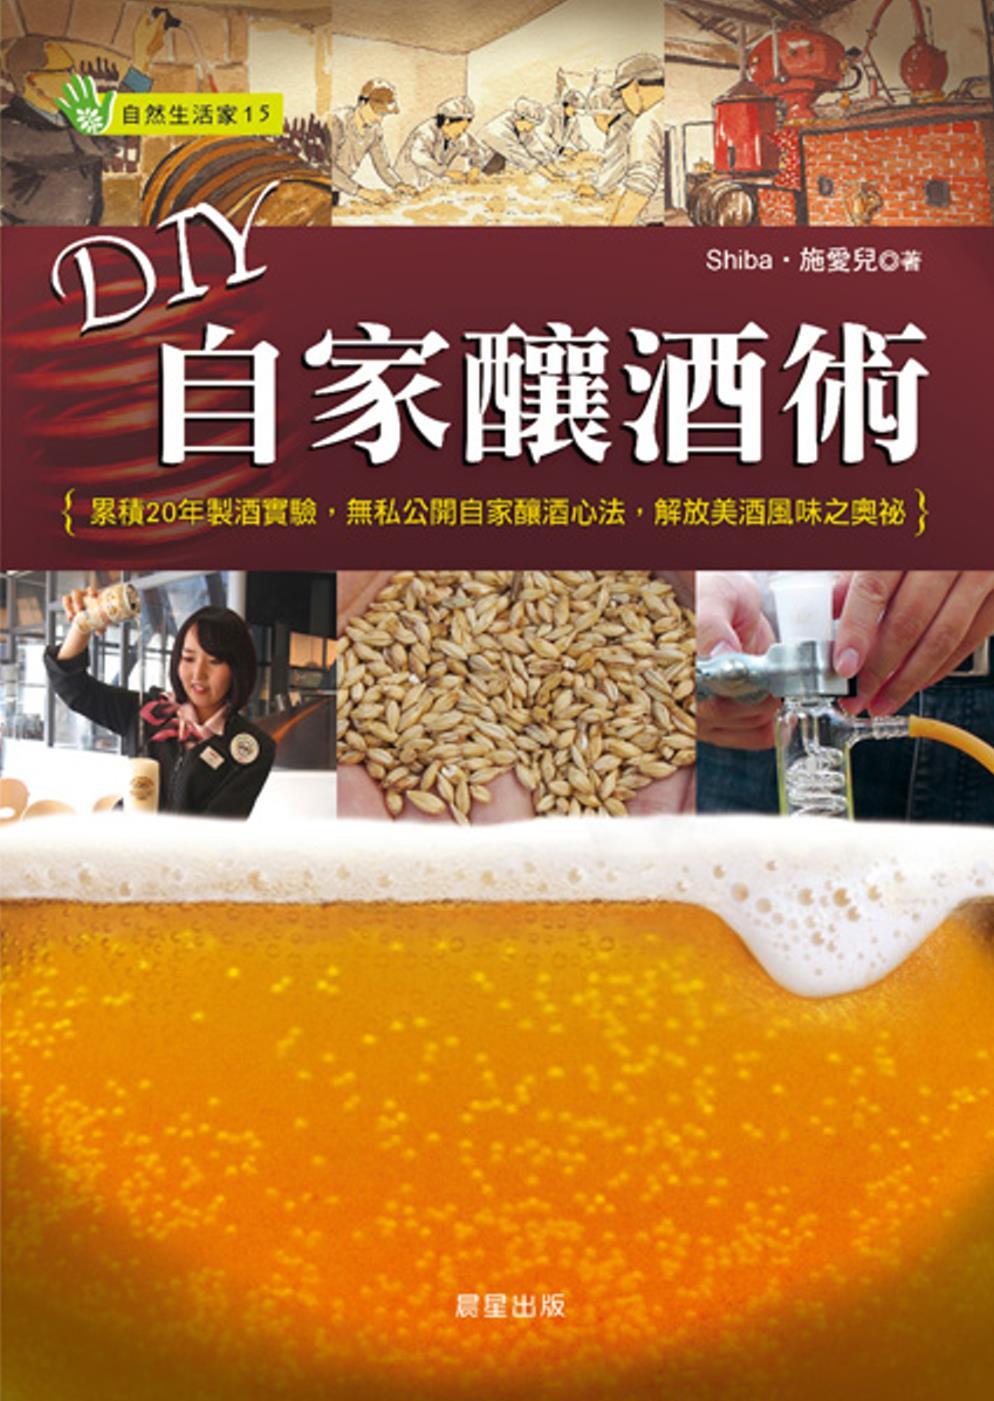 DIY自家釀酒術:累積20年製酒實驗,無私公開自家釀酒心法,解放美酒風味之奧祕